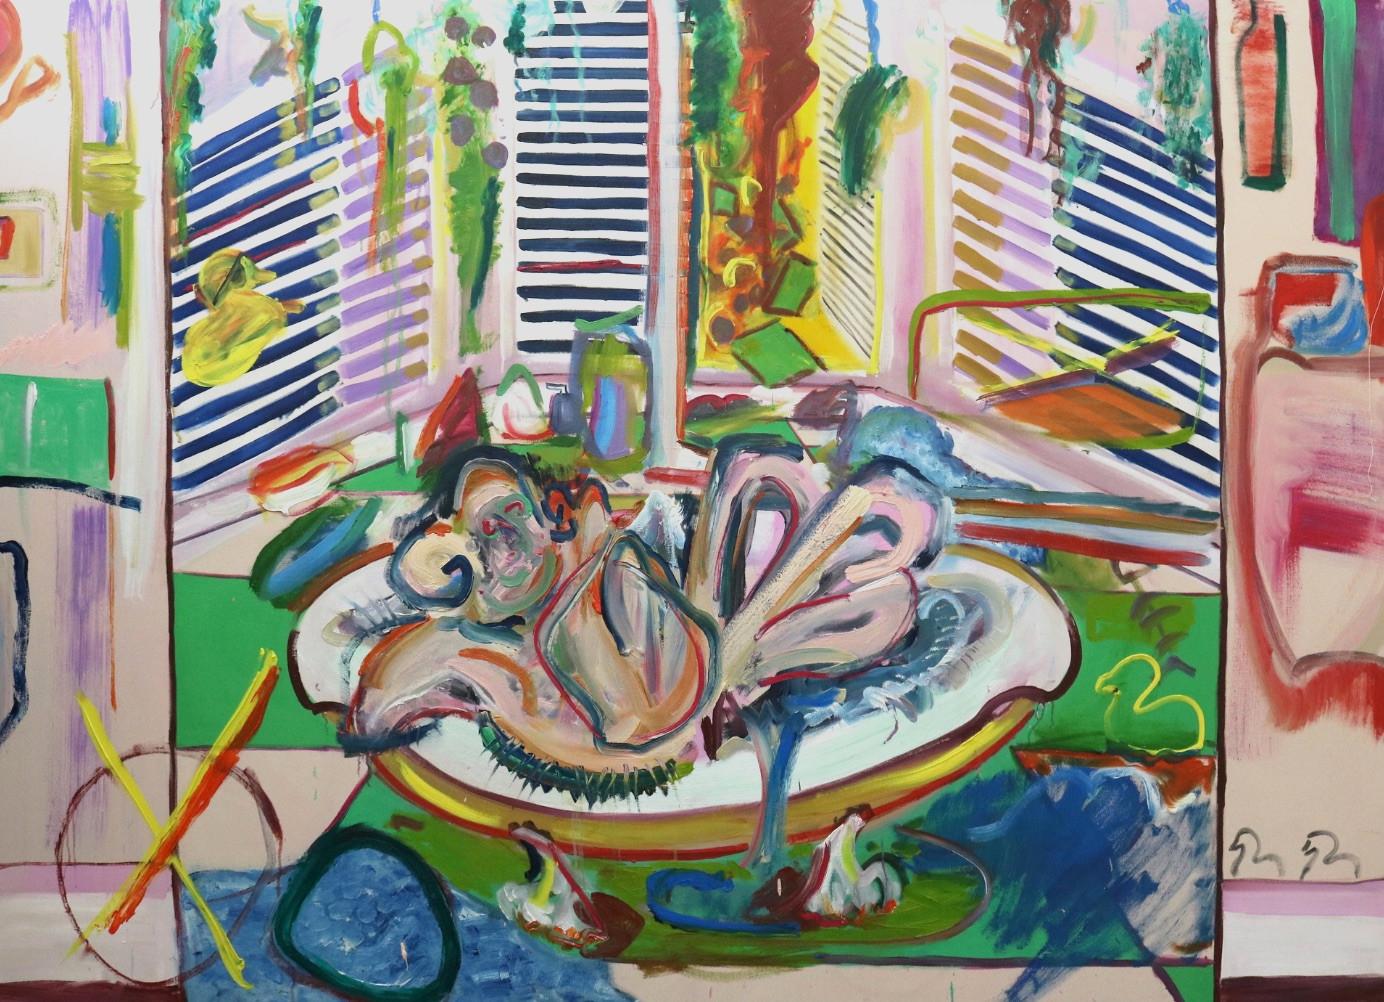 Duck Race, 2018, oil on canvas, 237 x 173 cm